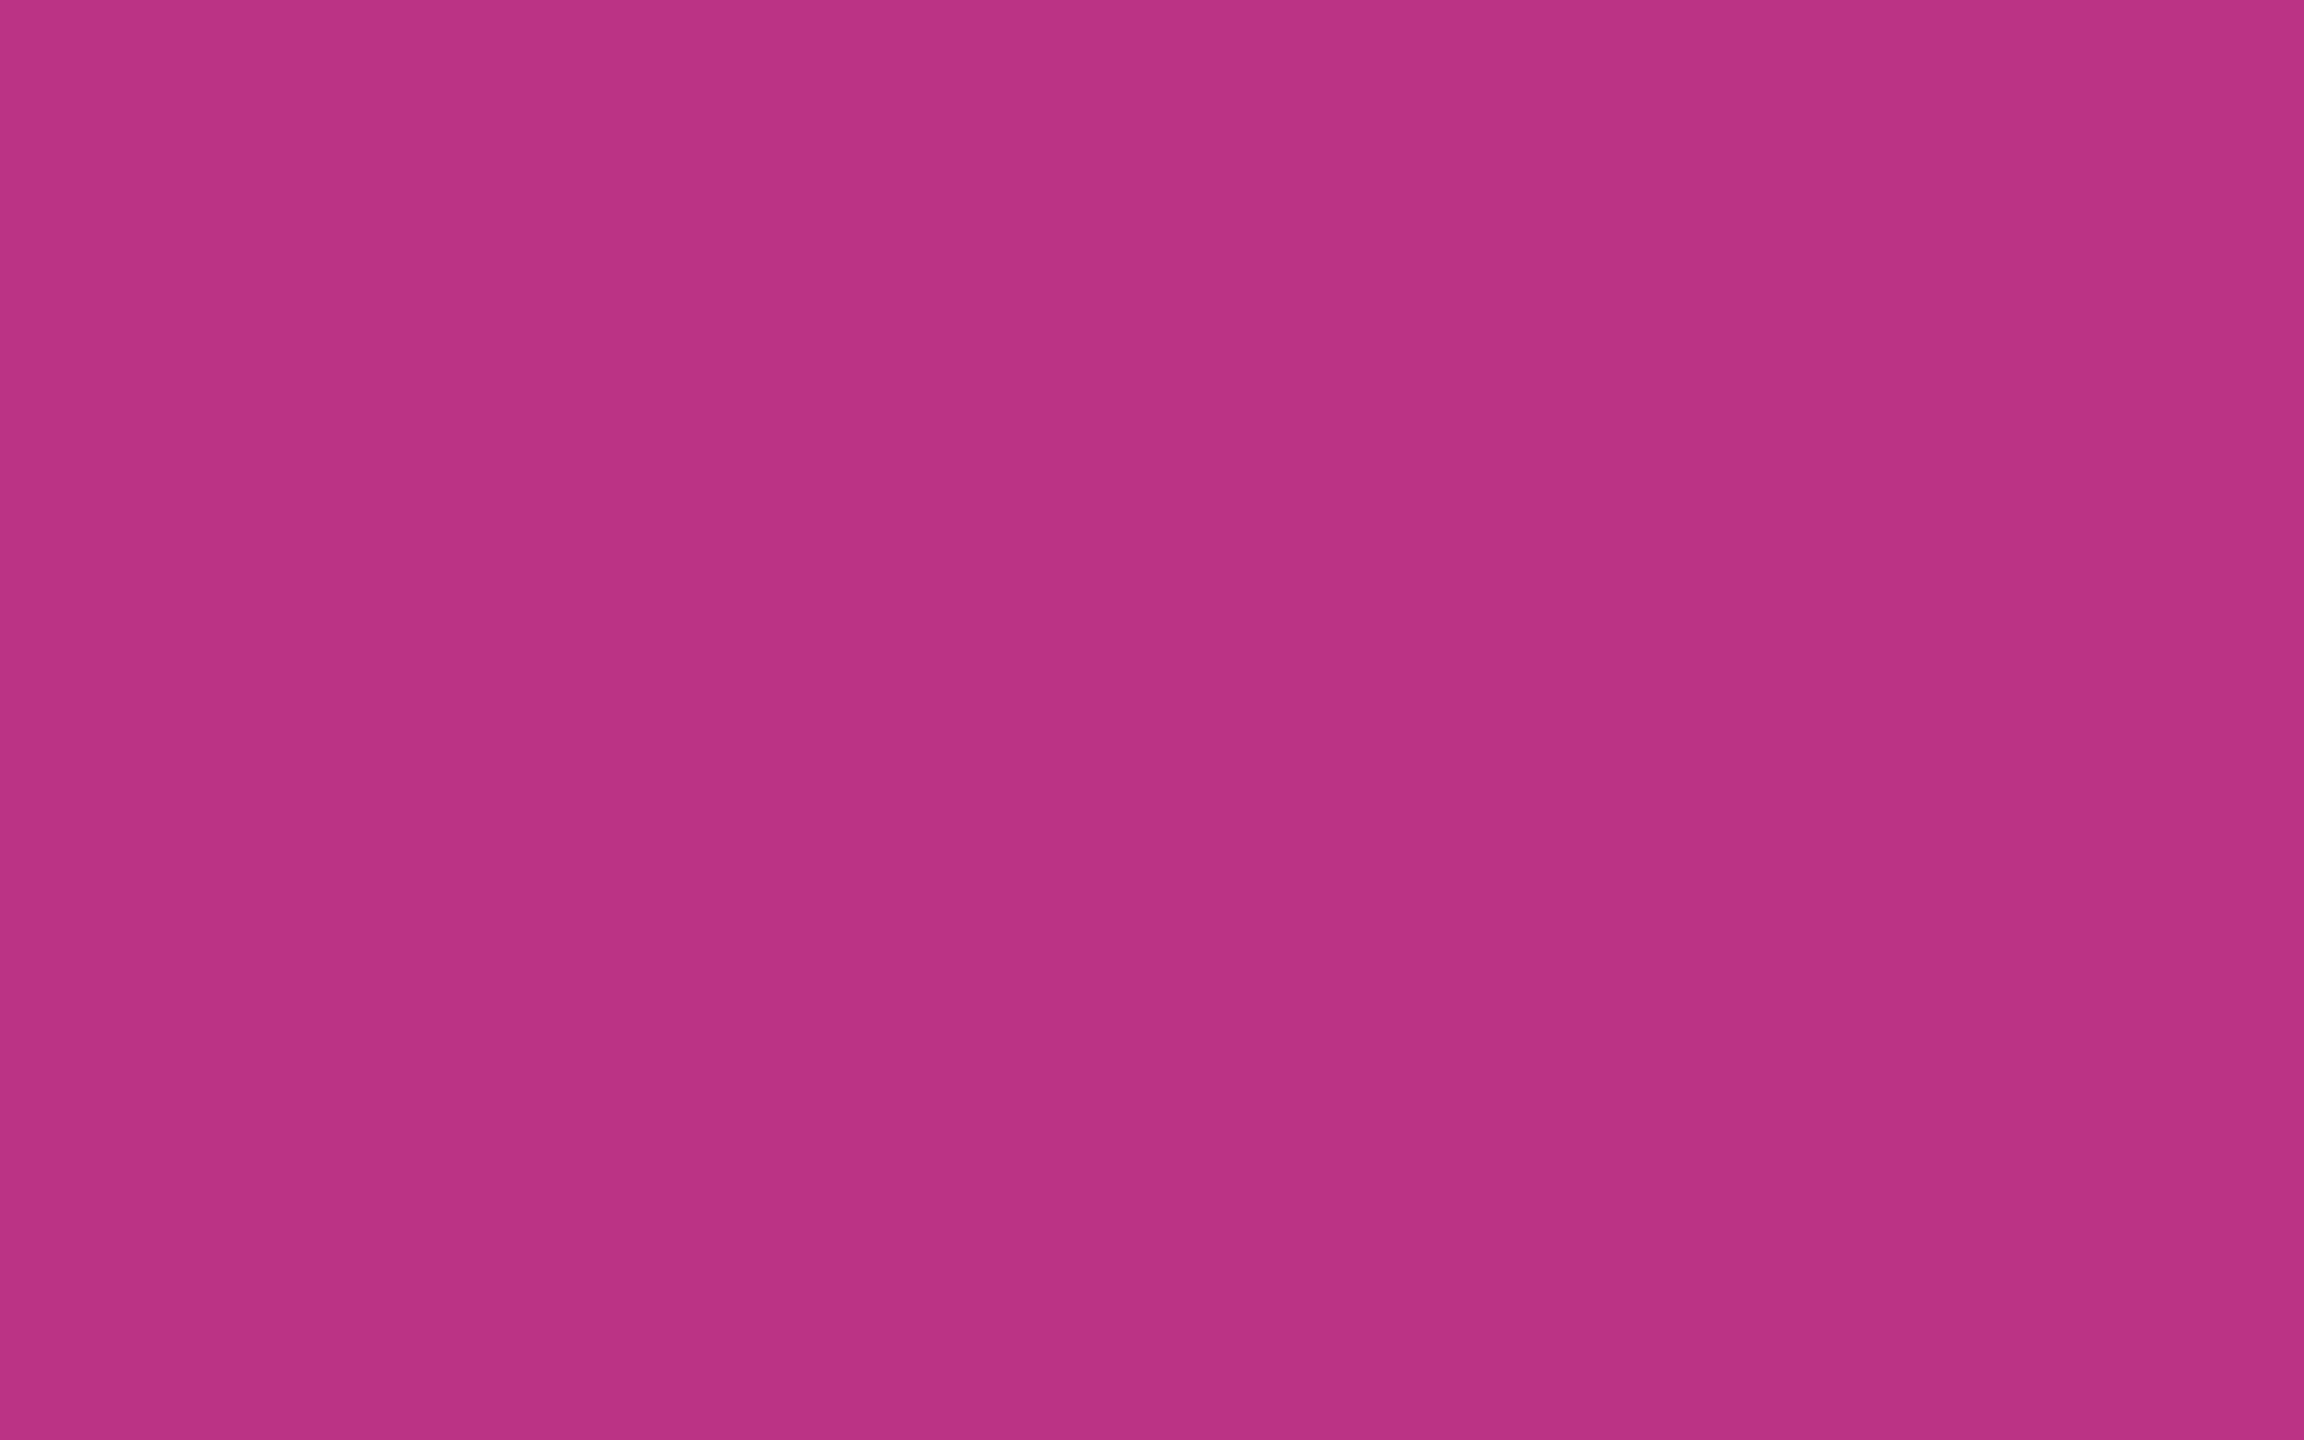 2304x1440 Medium Red-violet Solid Color Background